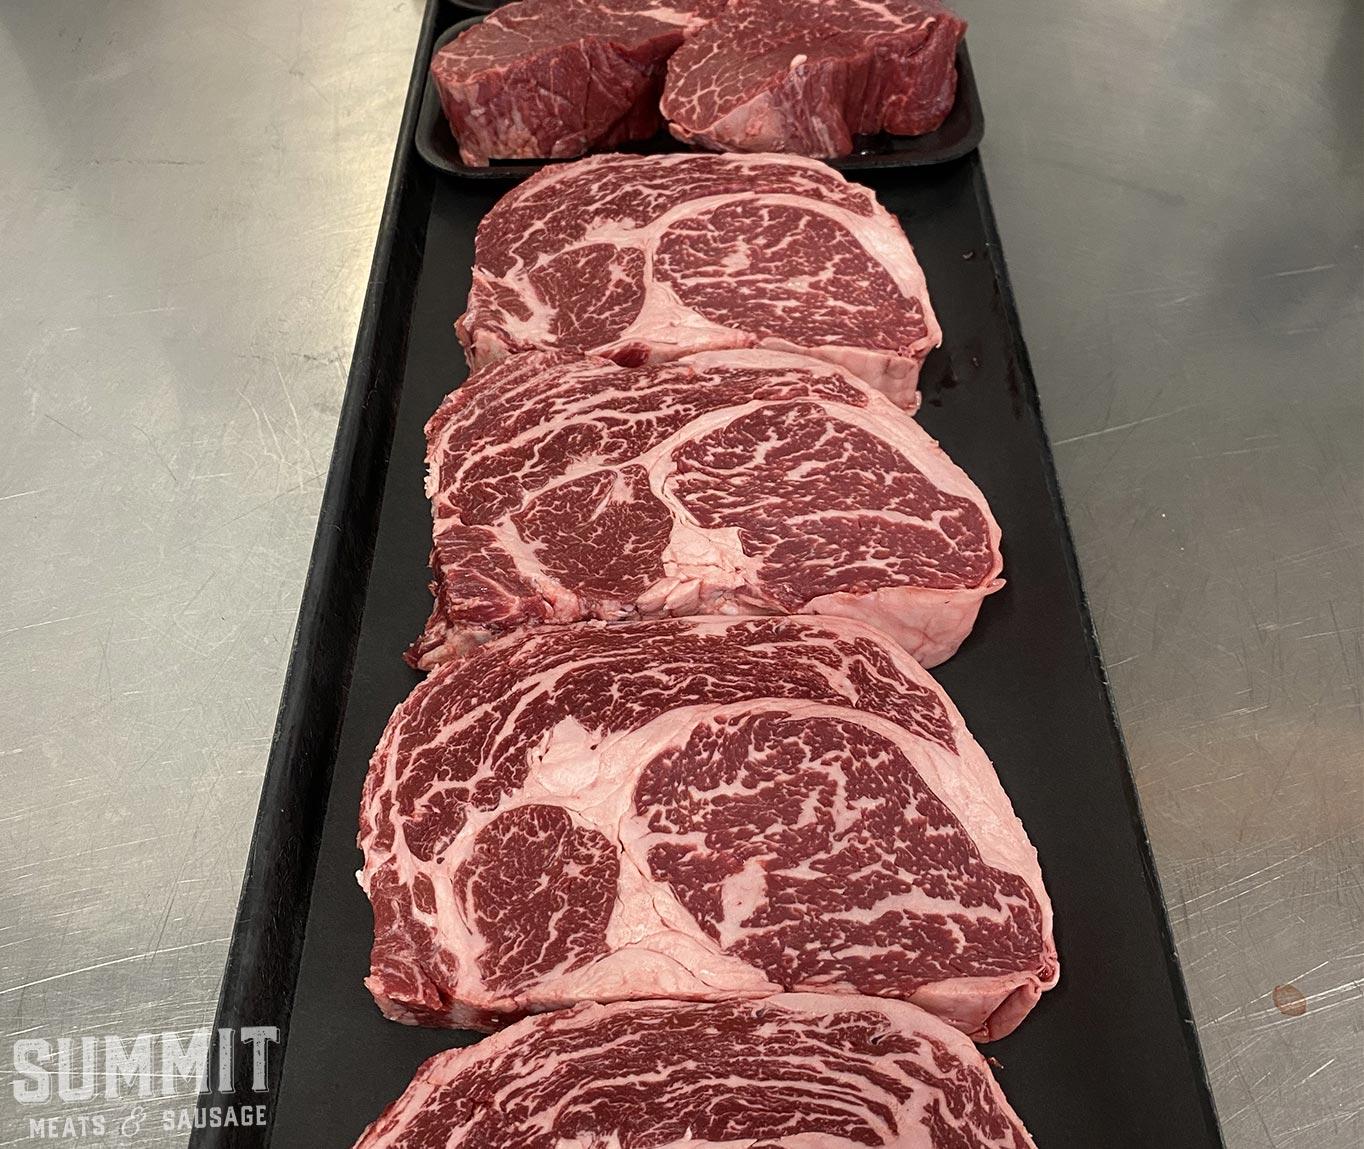 Wagyu Retailer in Saskatoon - Summit Meats